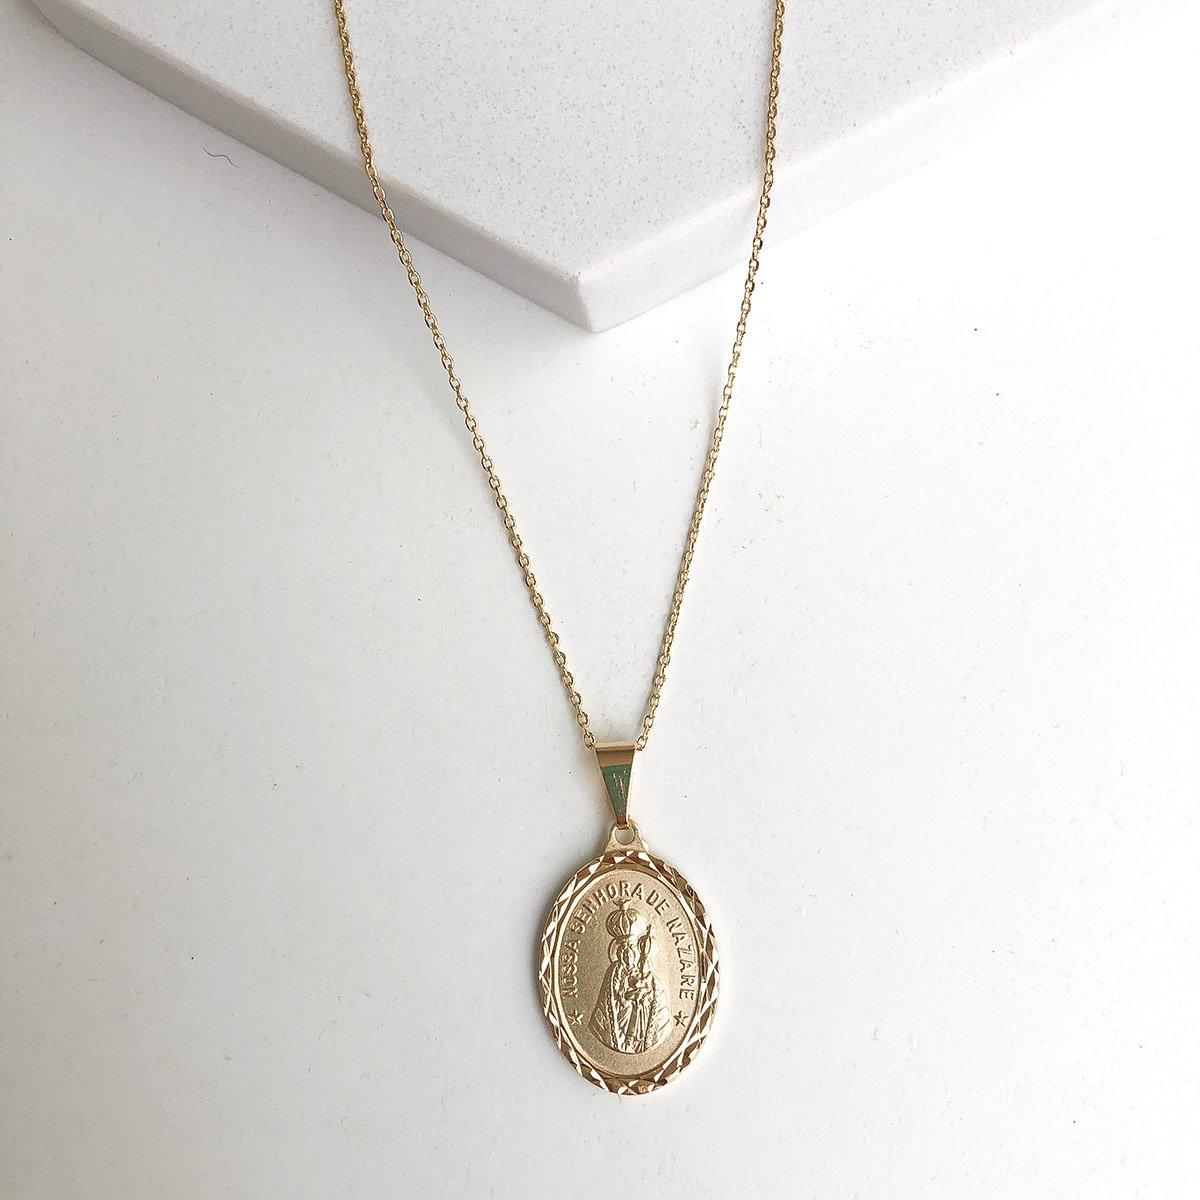 Colar Banhado a Ouro 18k Medalha Nossa Senhora de Nazaré Fosca